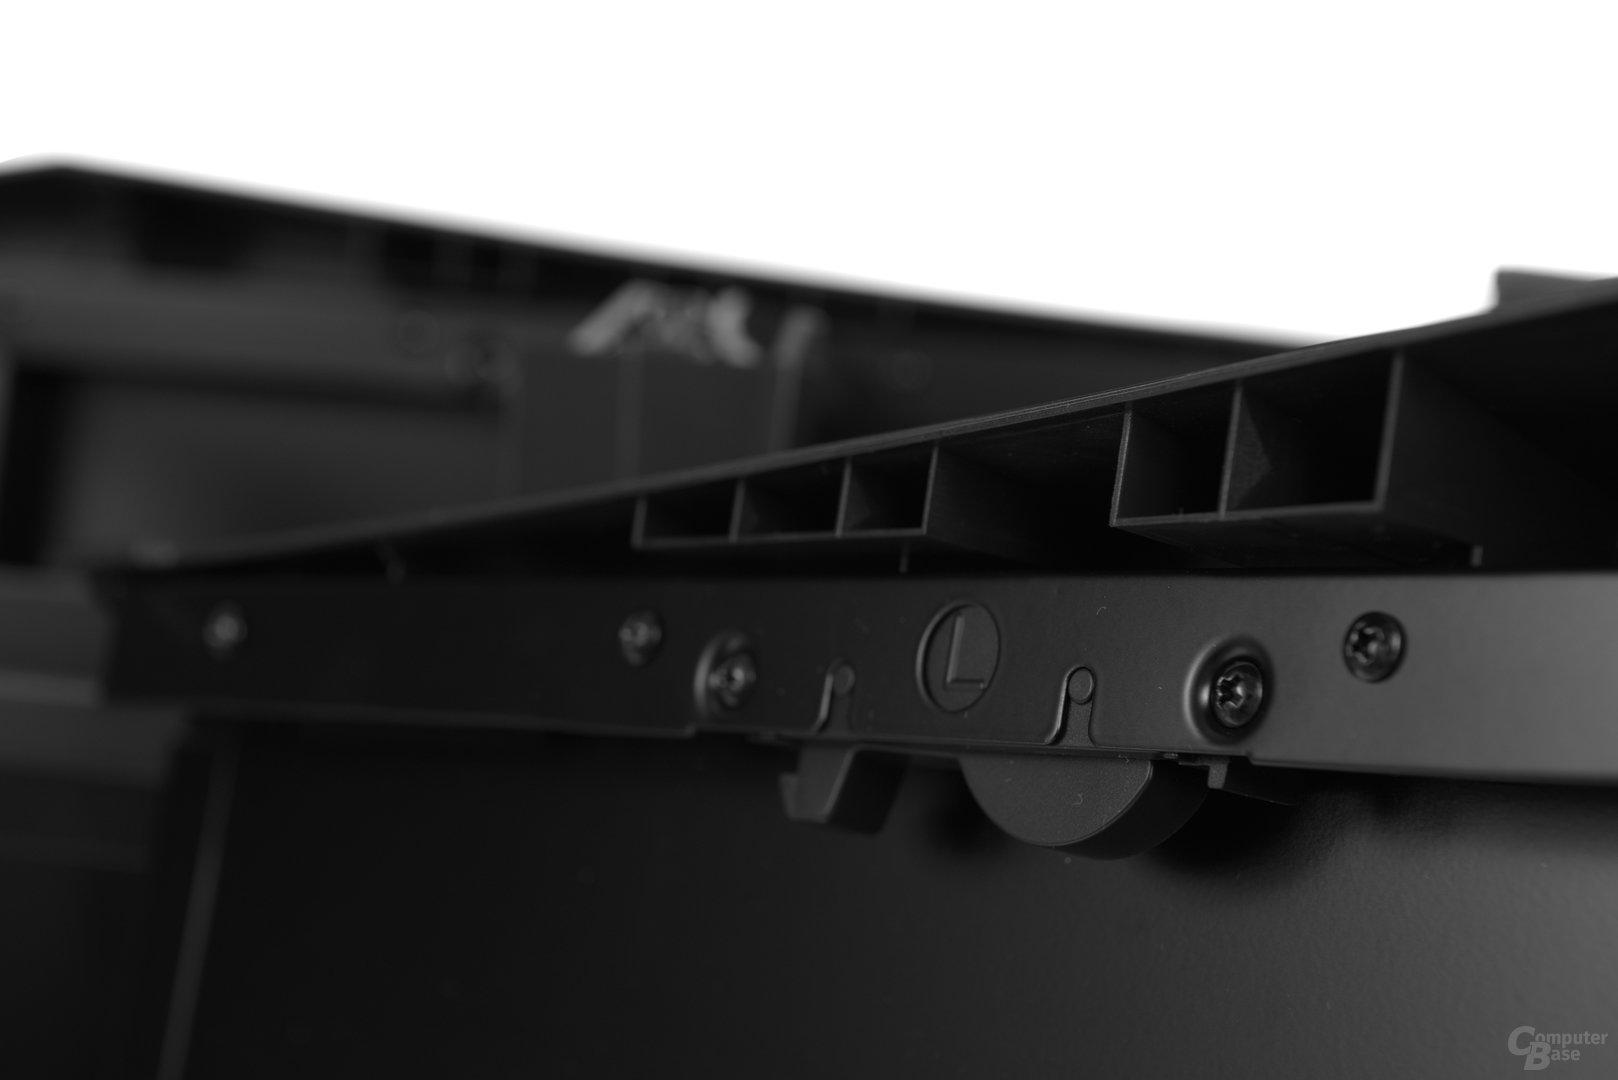 Silverstone Raven 05 - Verschlusssystem der Seitenteile